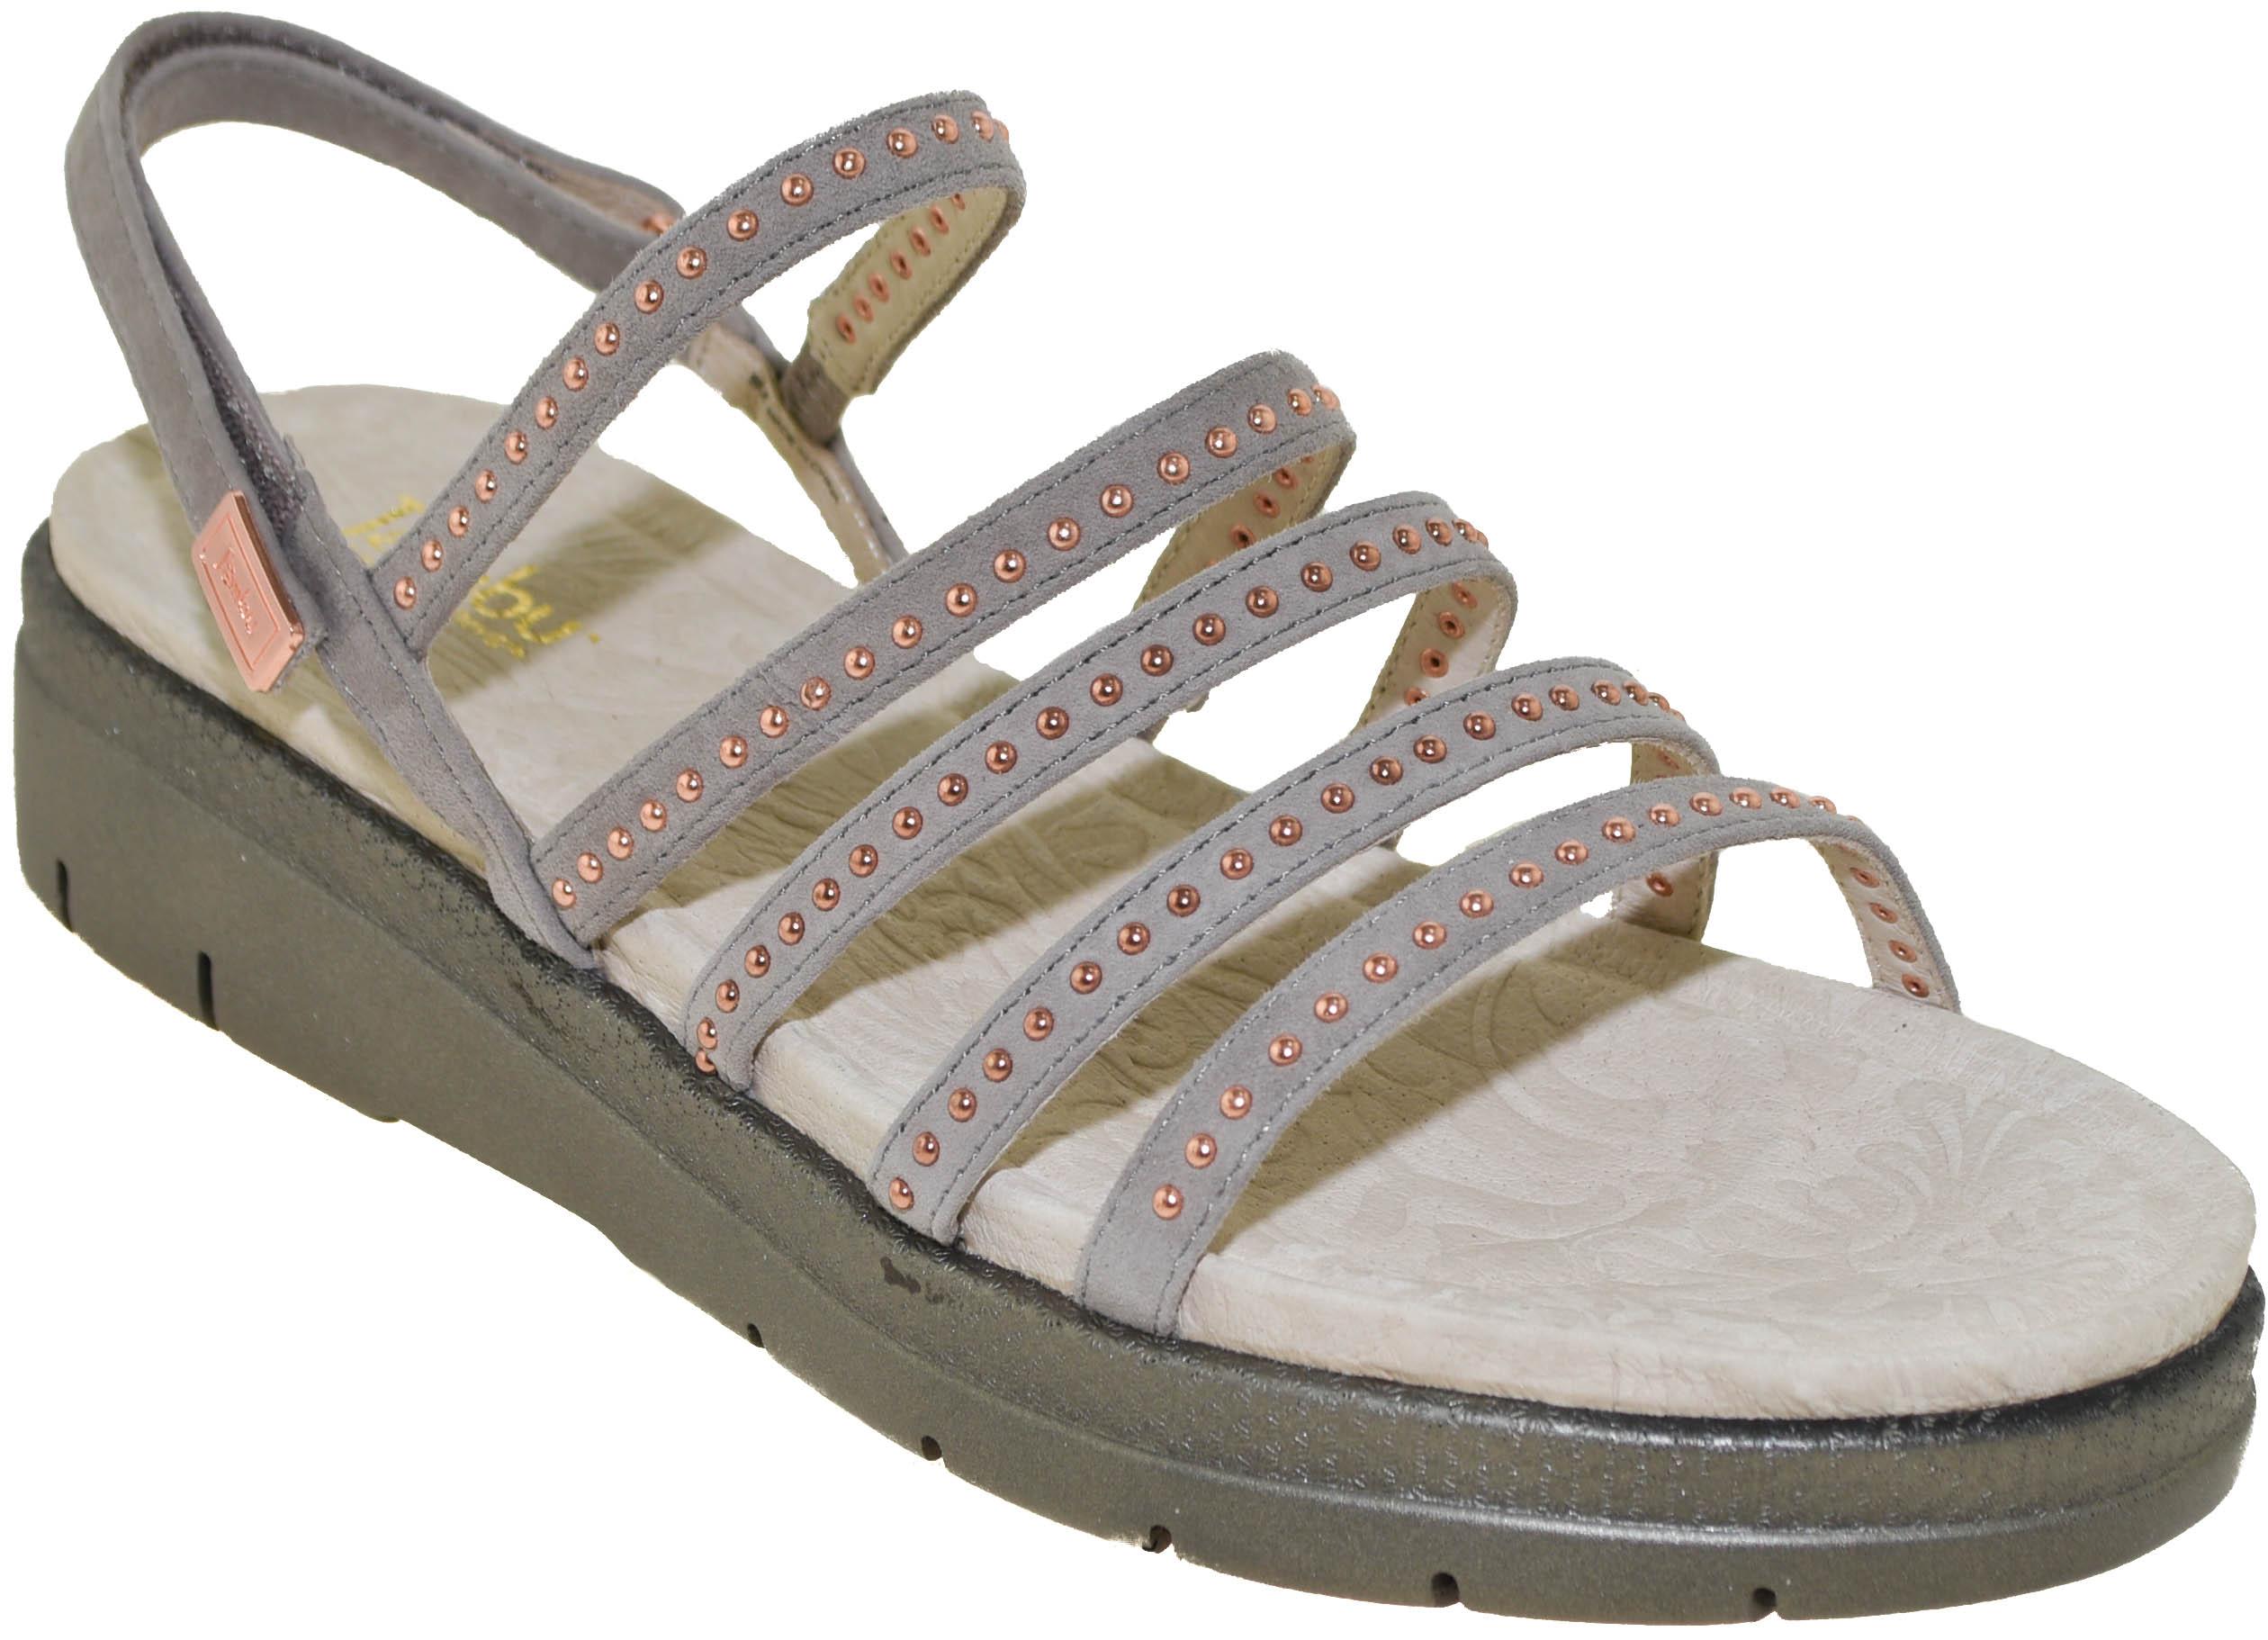 5e0271301b0 Jambu Women s Elegance Sandal Light Taupe